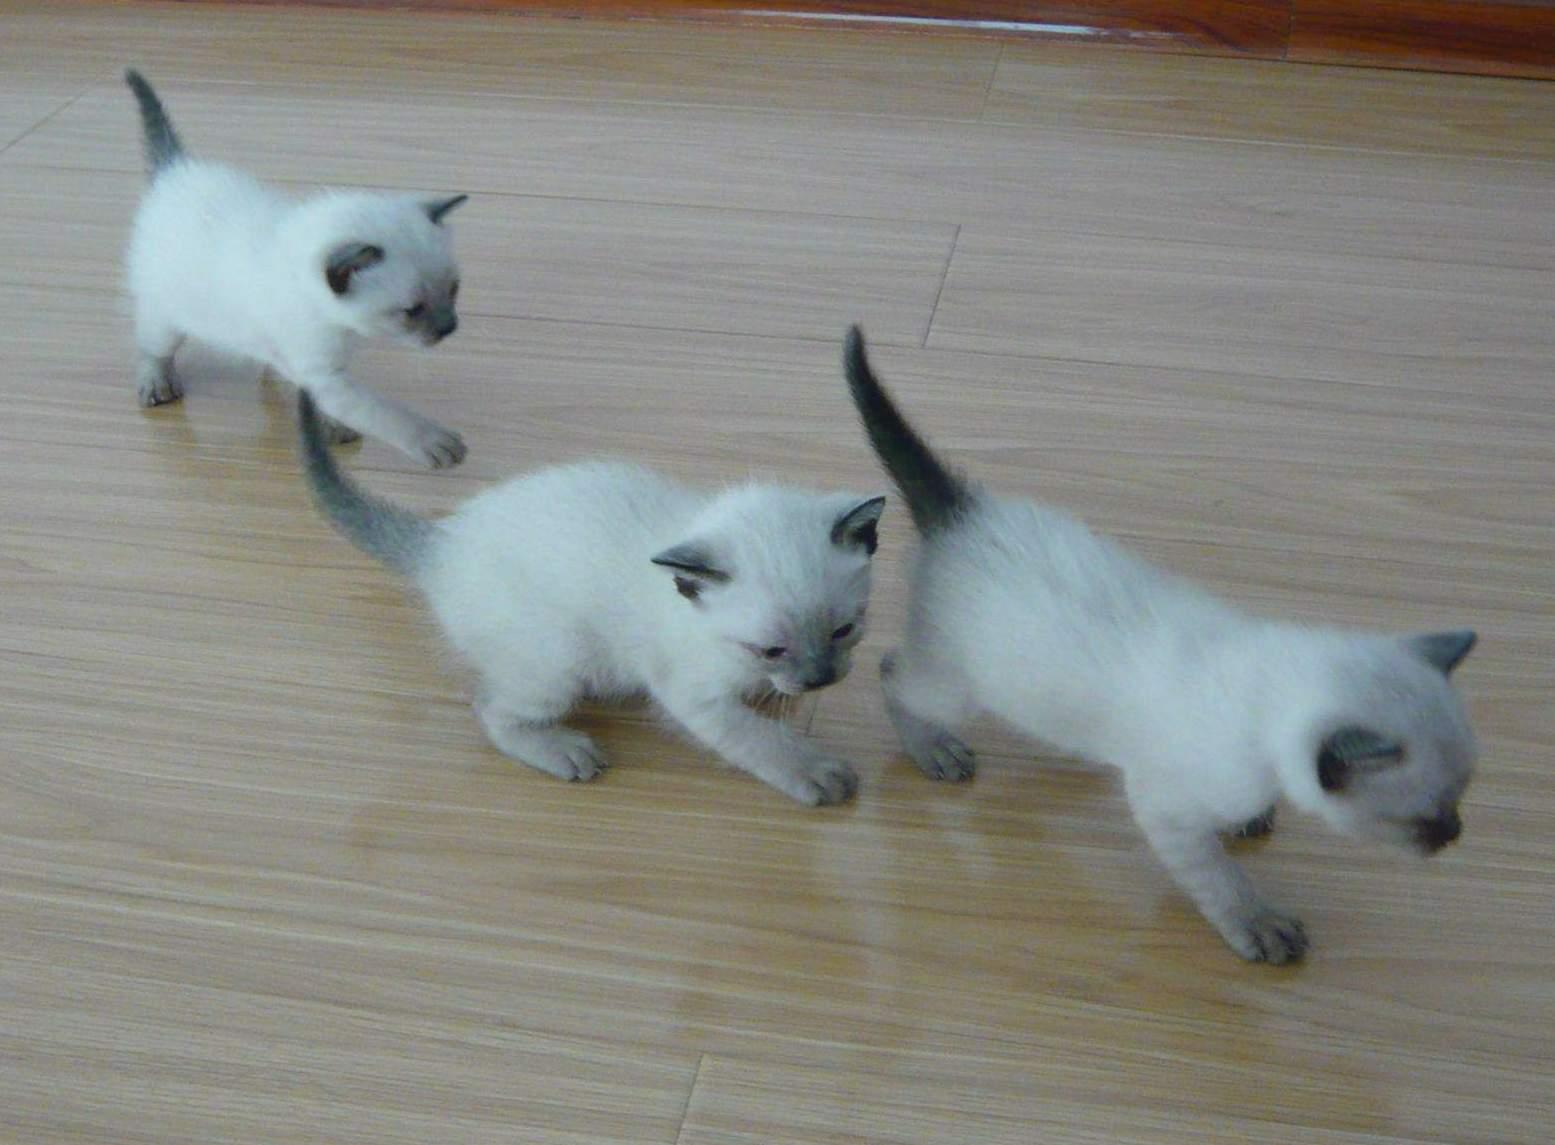 猪肉部位分布�_求可爱猫猫的品种,全,附图片,最好是好看一点的,萌一点的